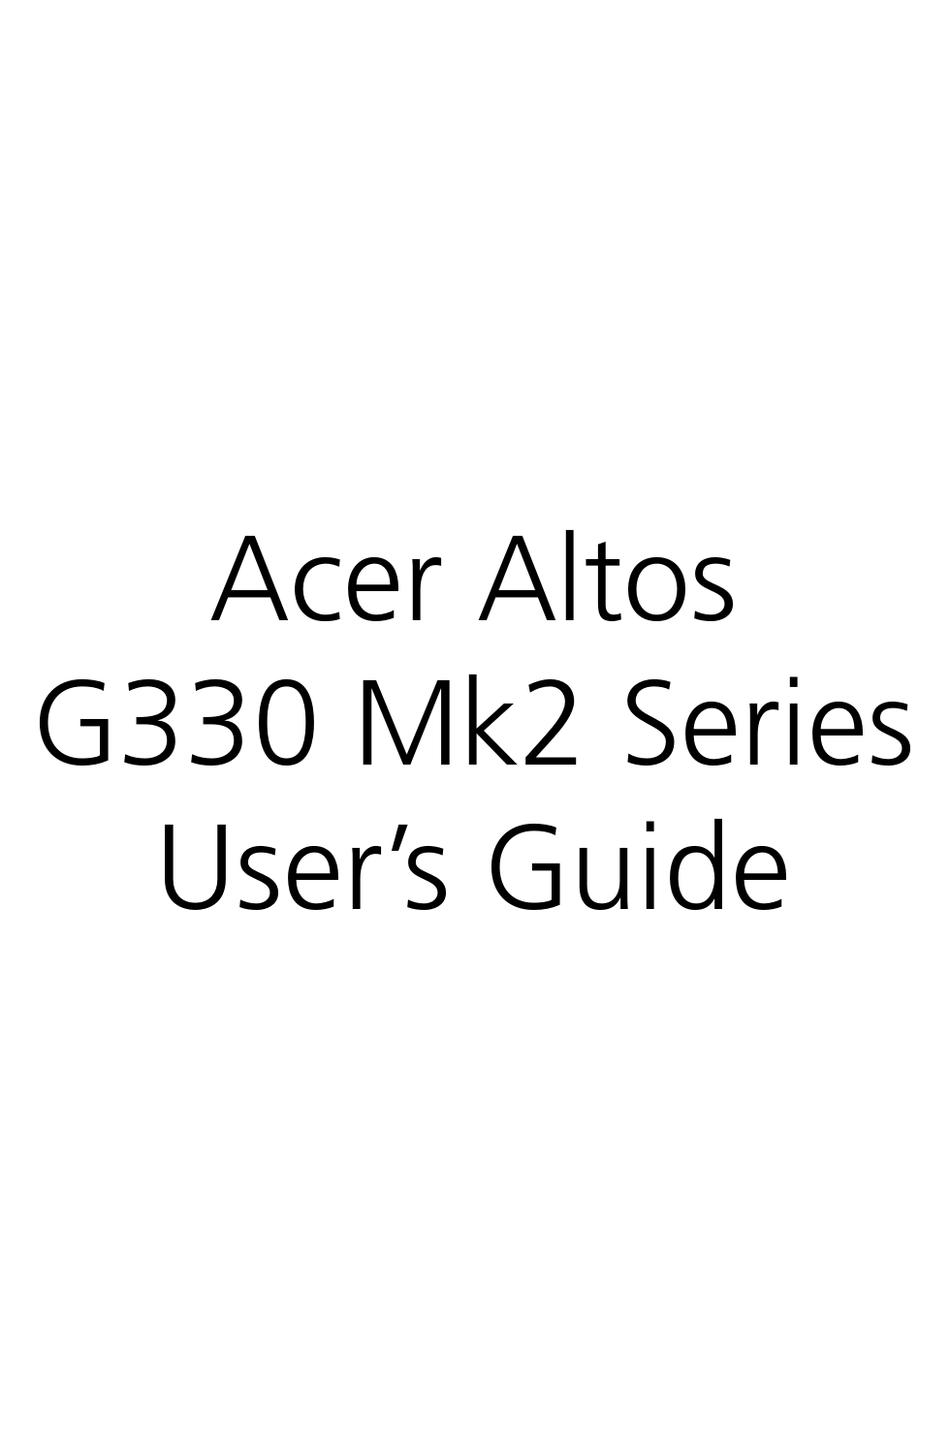 Acer Altos G310 Driver Download